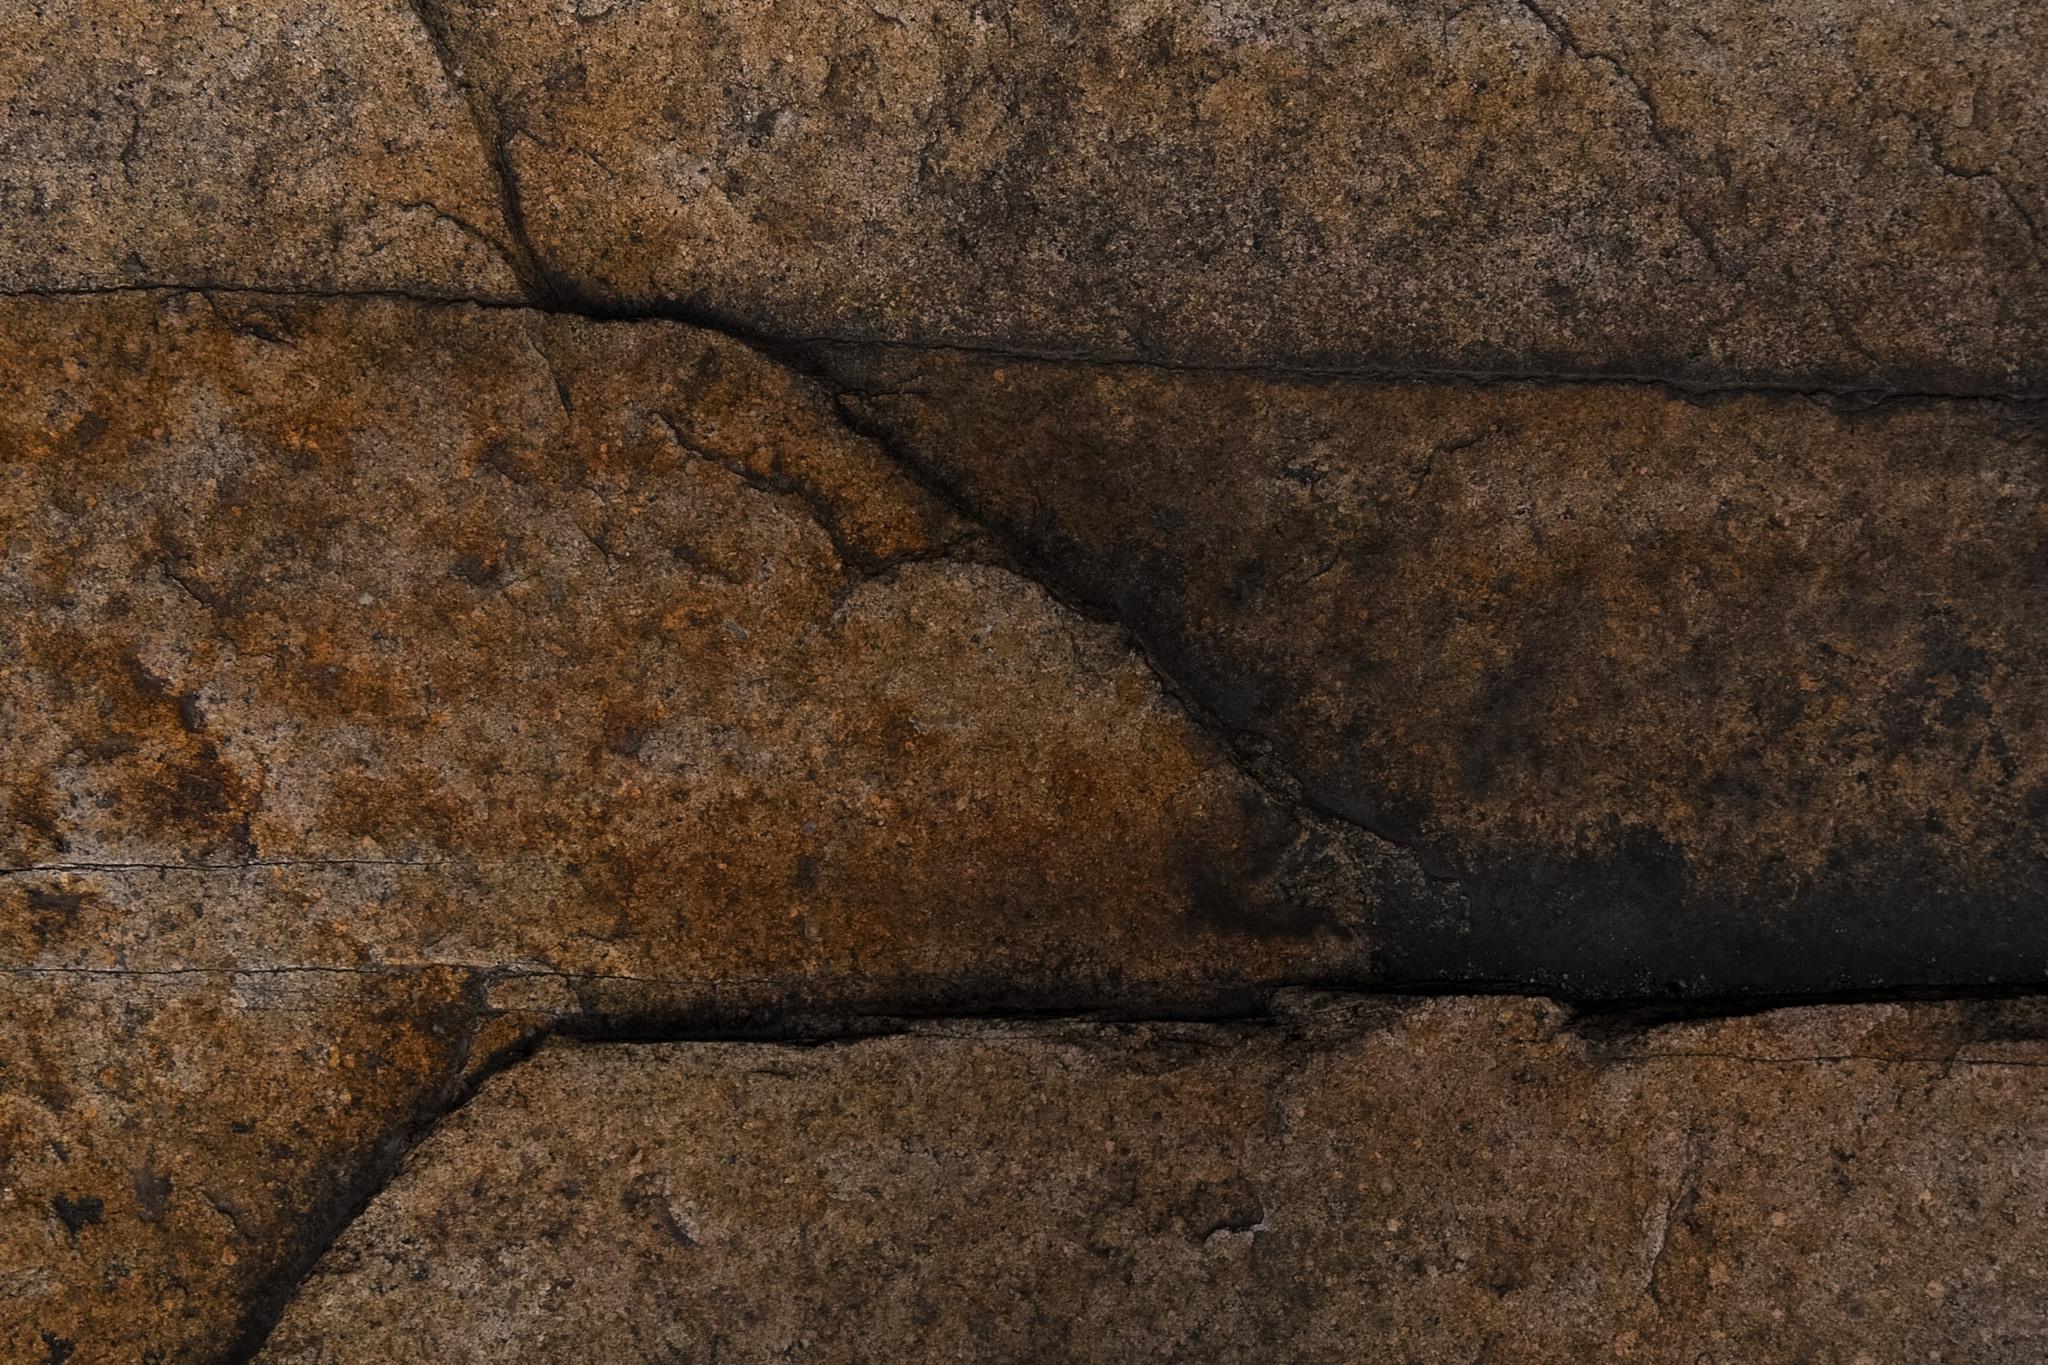 「積み重ねられた茶色の石」のテクスチャを無料ダウンロード